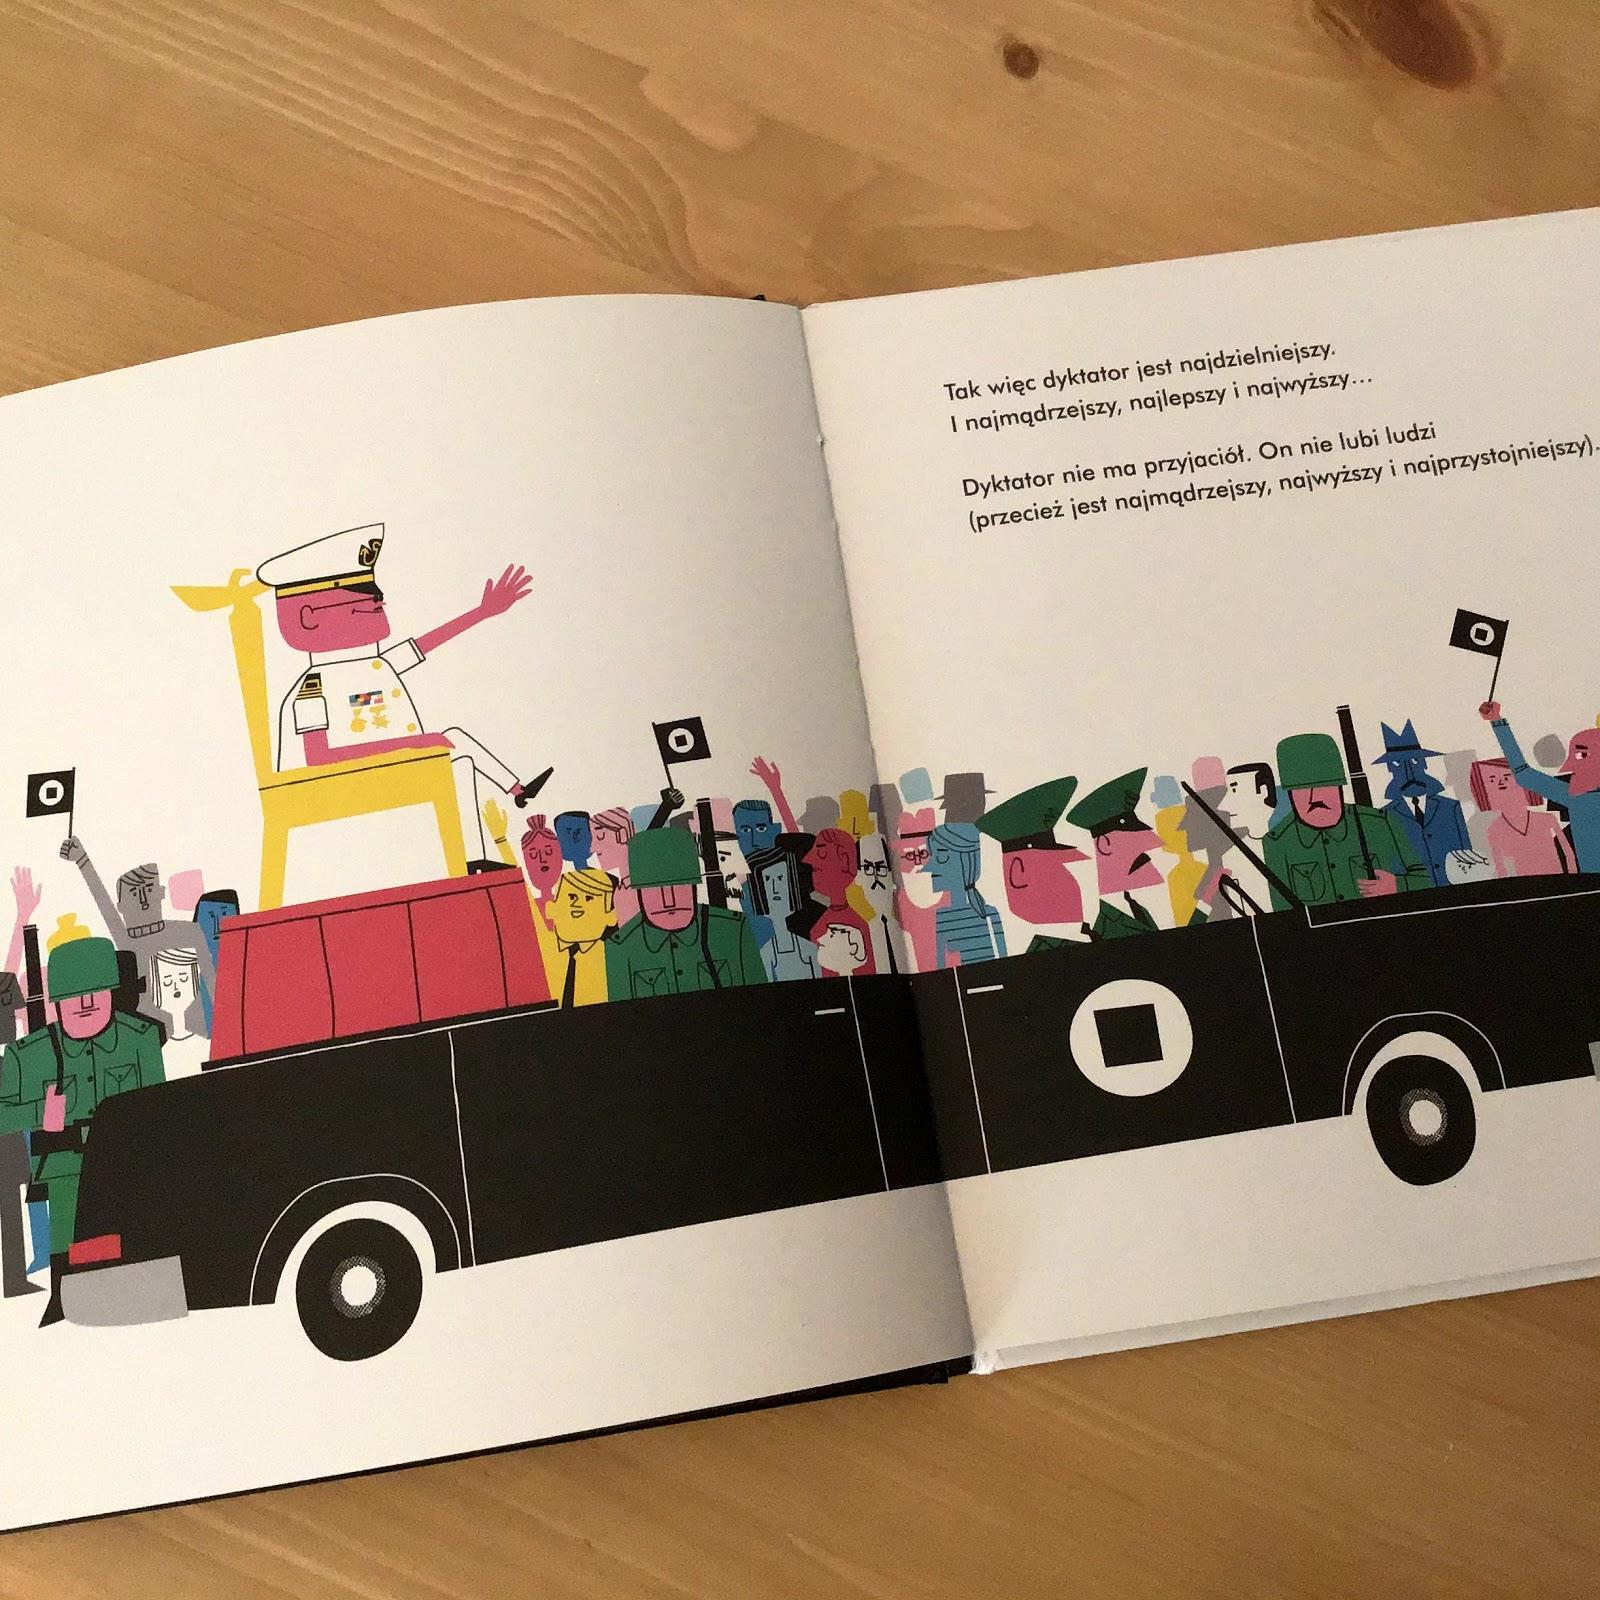 """""""Oto jest dyktatura"""" Equipo Plantel, Tako, Seria Książki jutra o ważnych i trudnych sprawach dla najmłodszych"""